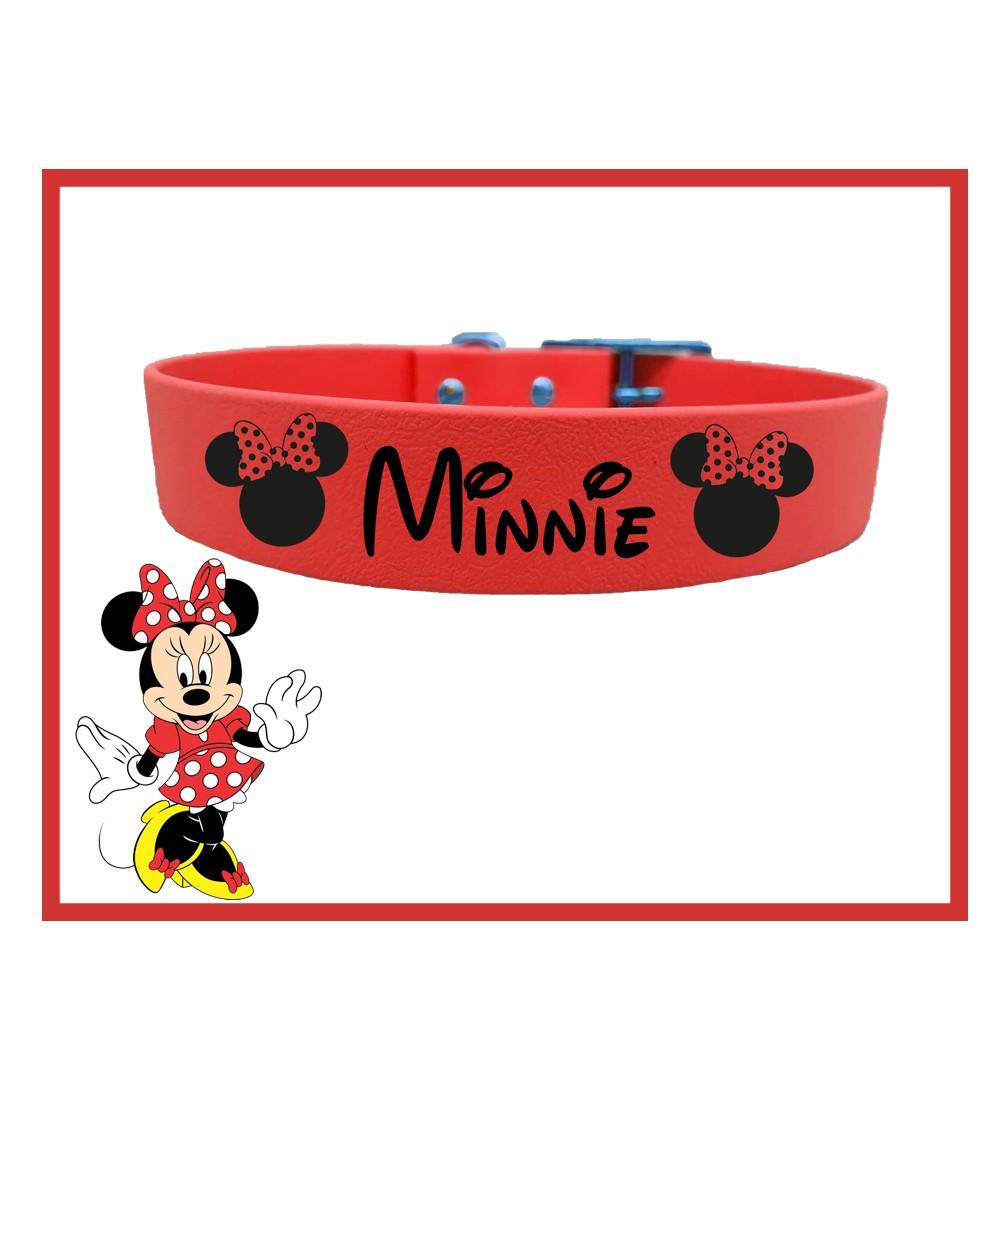 Collare personalizzato con nome per cani modello Minnie